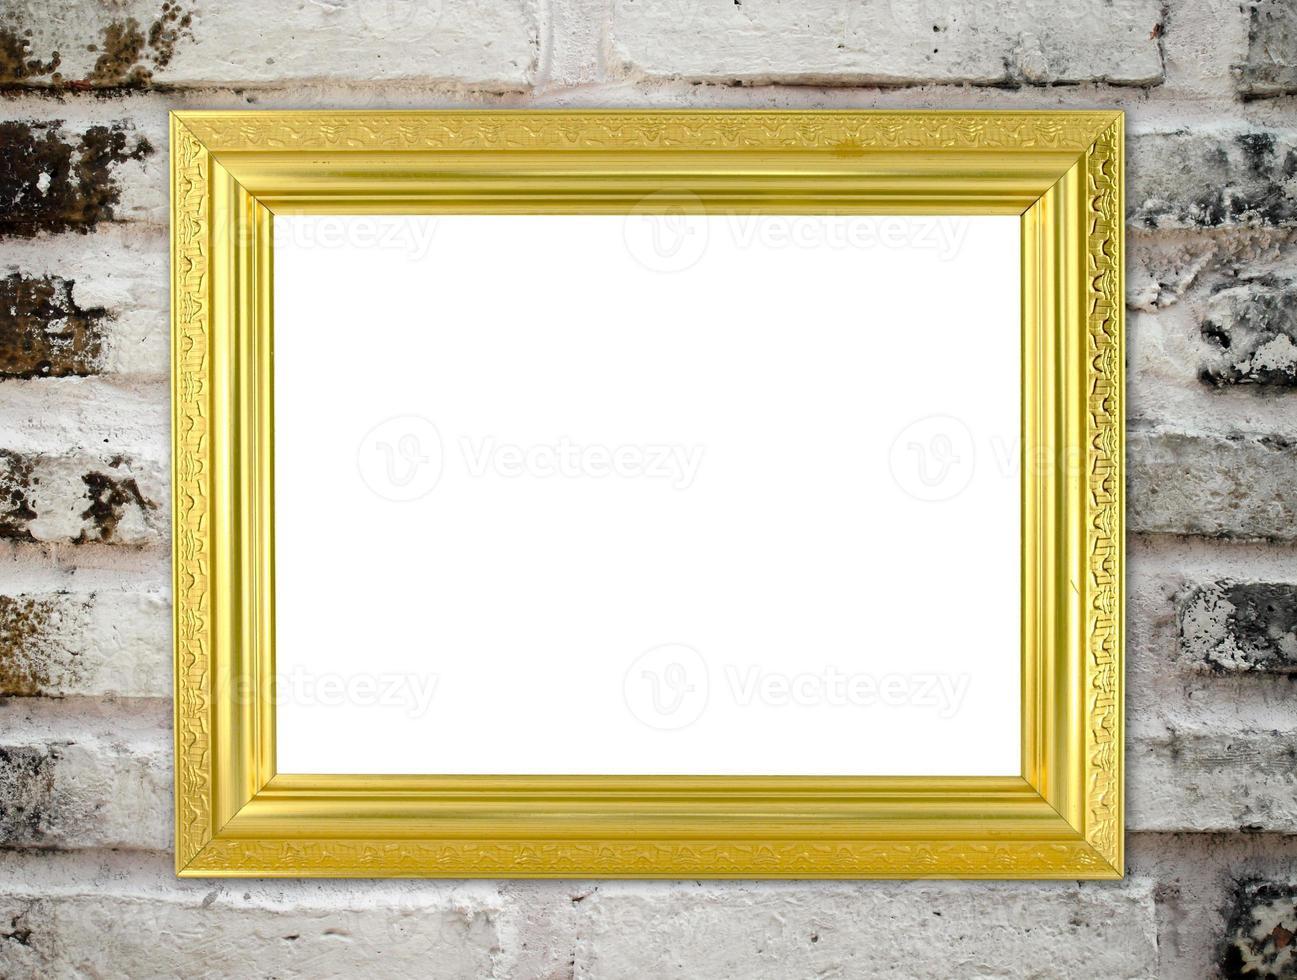 moldura dourada em branco foto